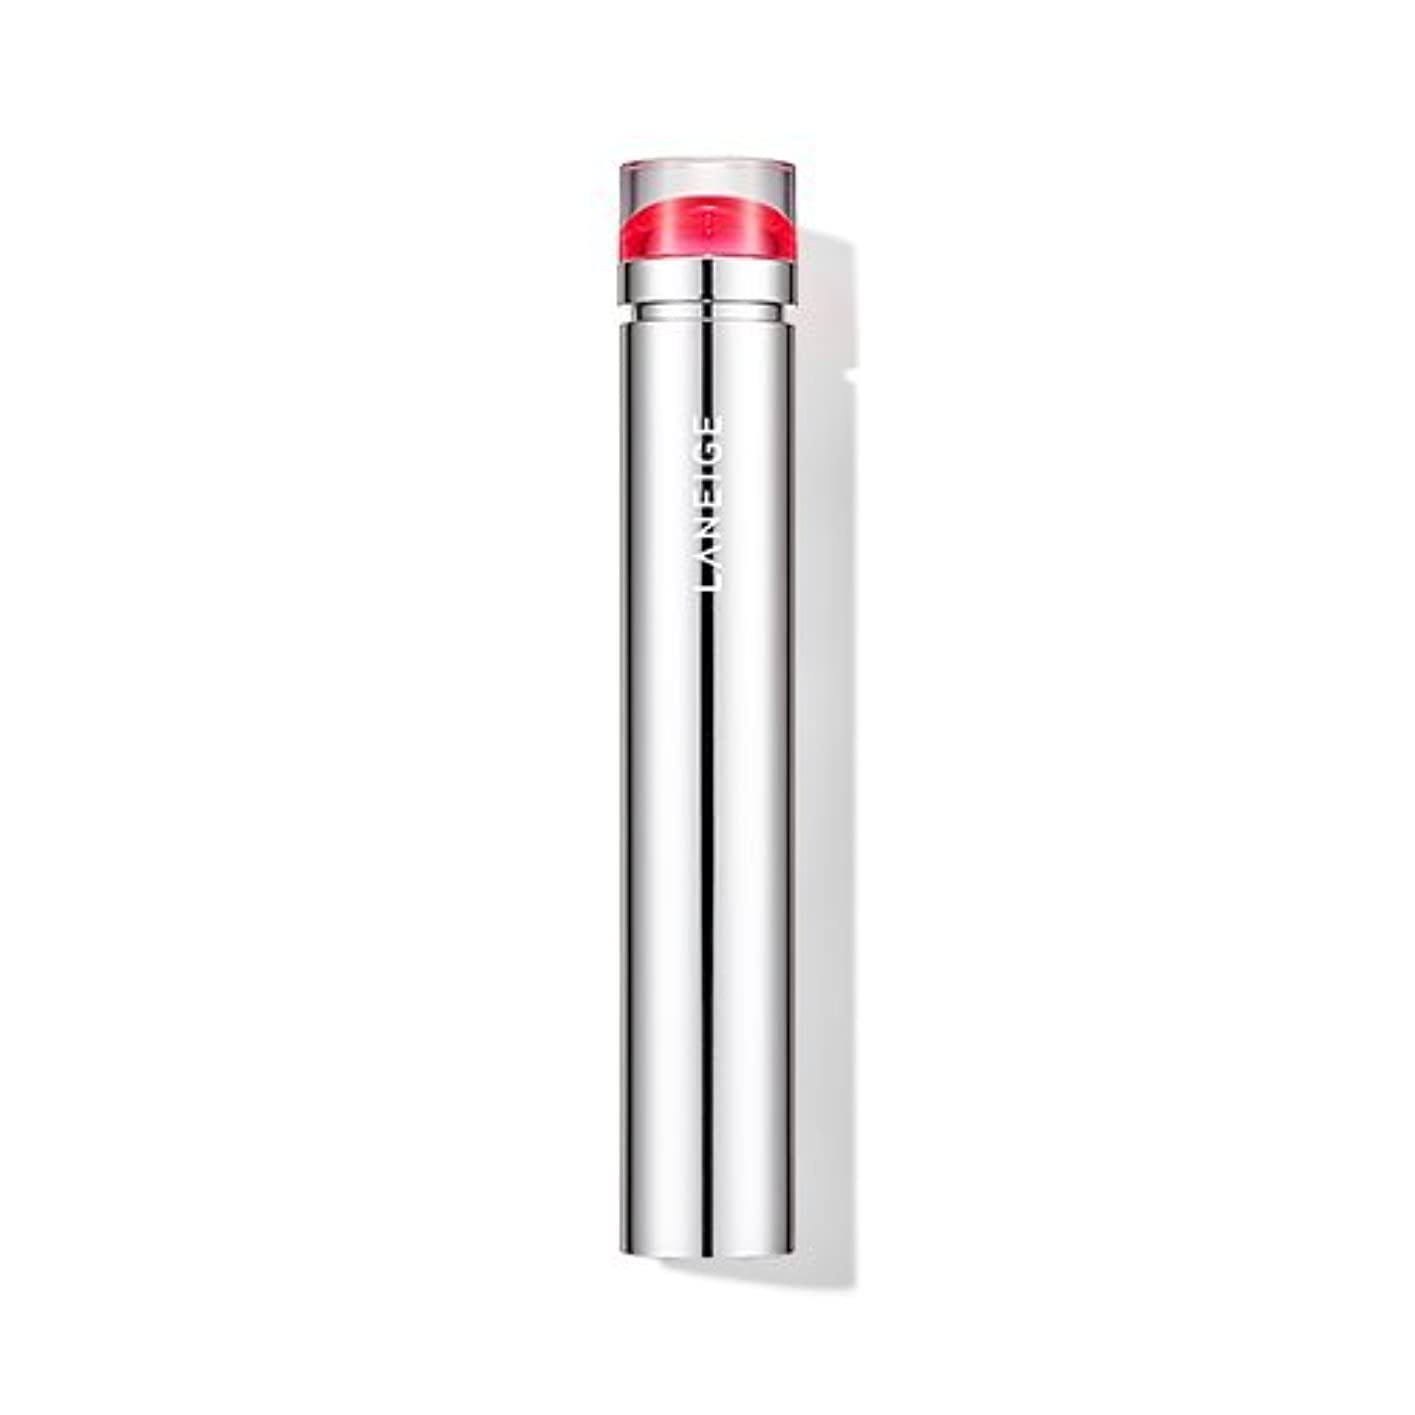 ポルノ突き出す漂流ラネージュ(LANEIGE) ステンドグラスティック Stained Glasstick 2g (No.6 Red Spinel)